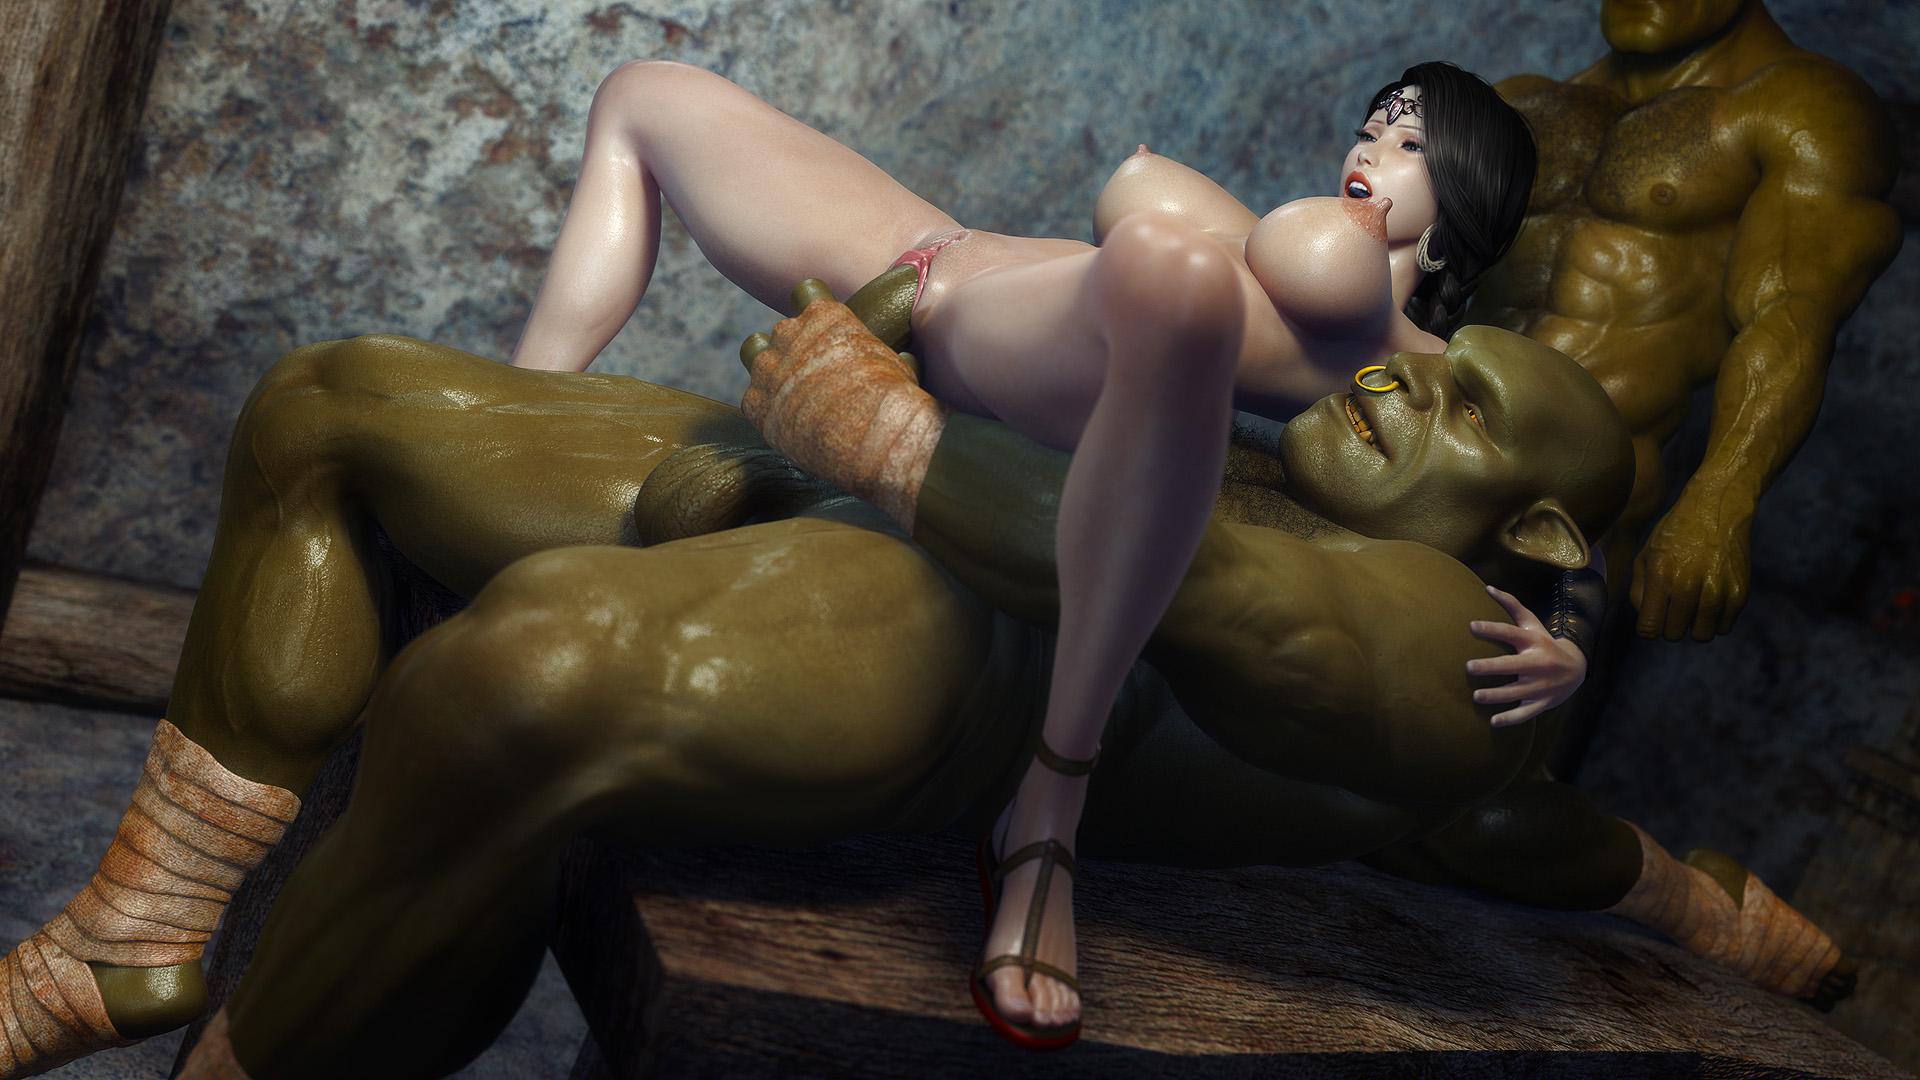 Порно мульт видео эльфийки фото 536-274